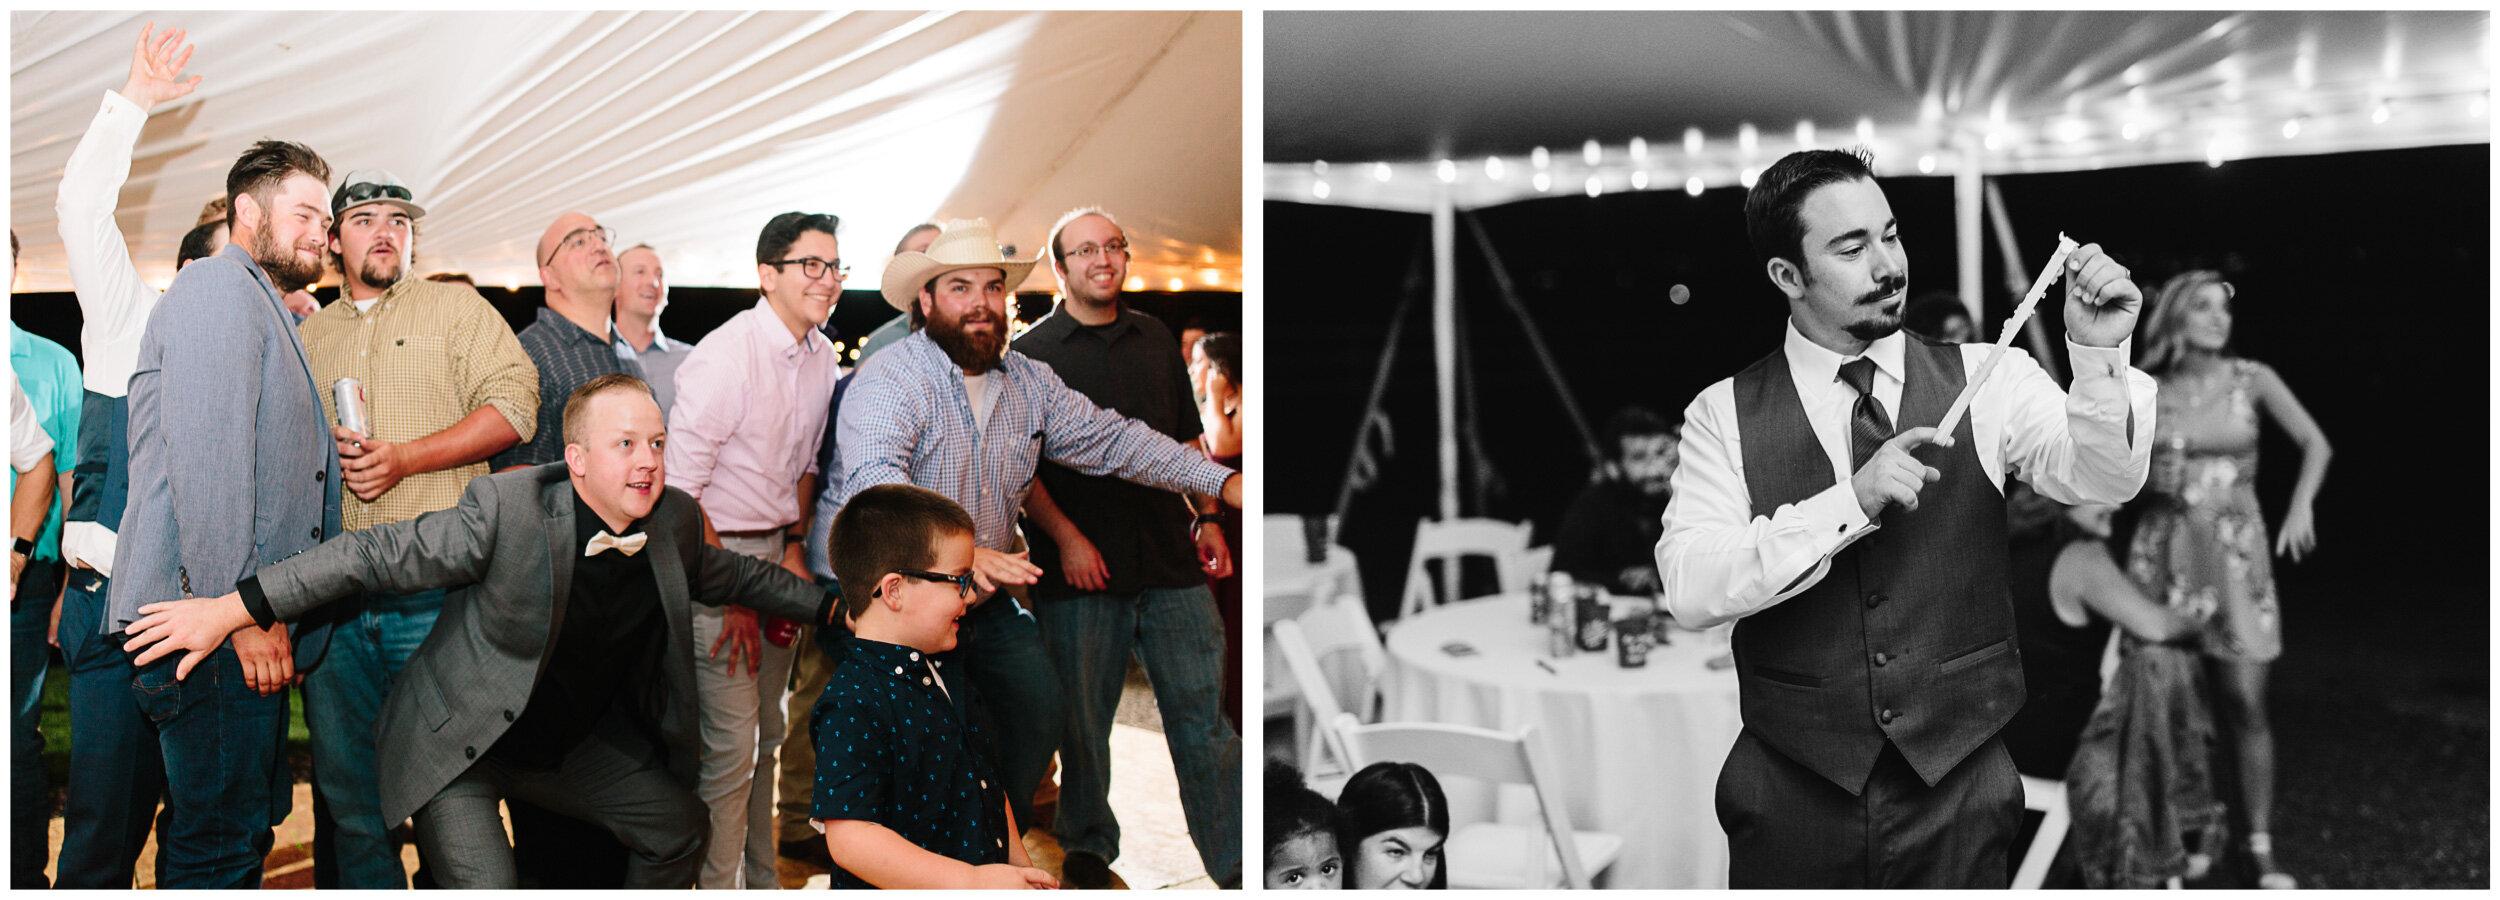 brighton_colorado_wedding_103.jpg